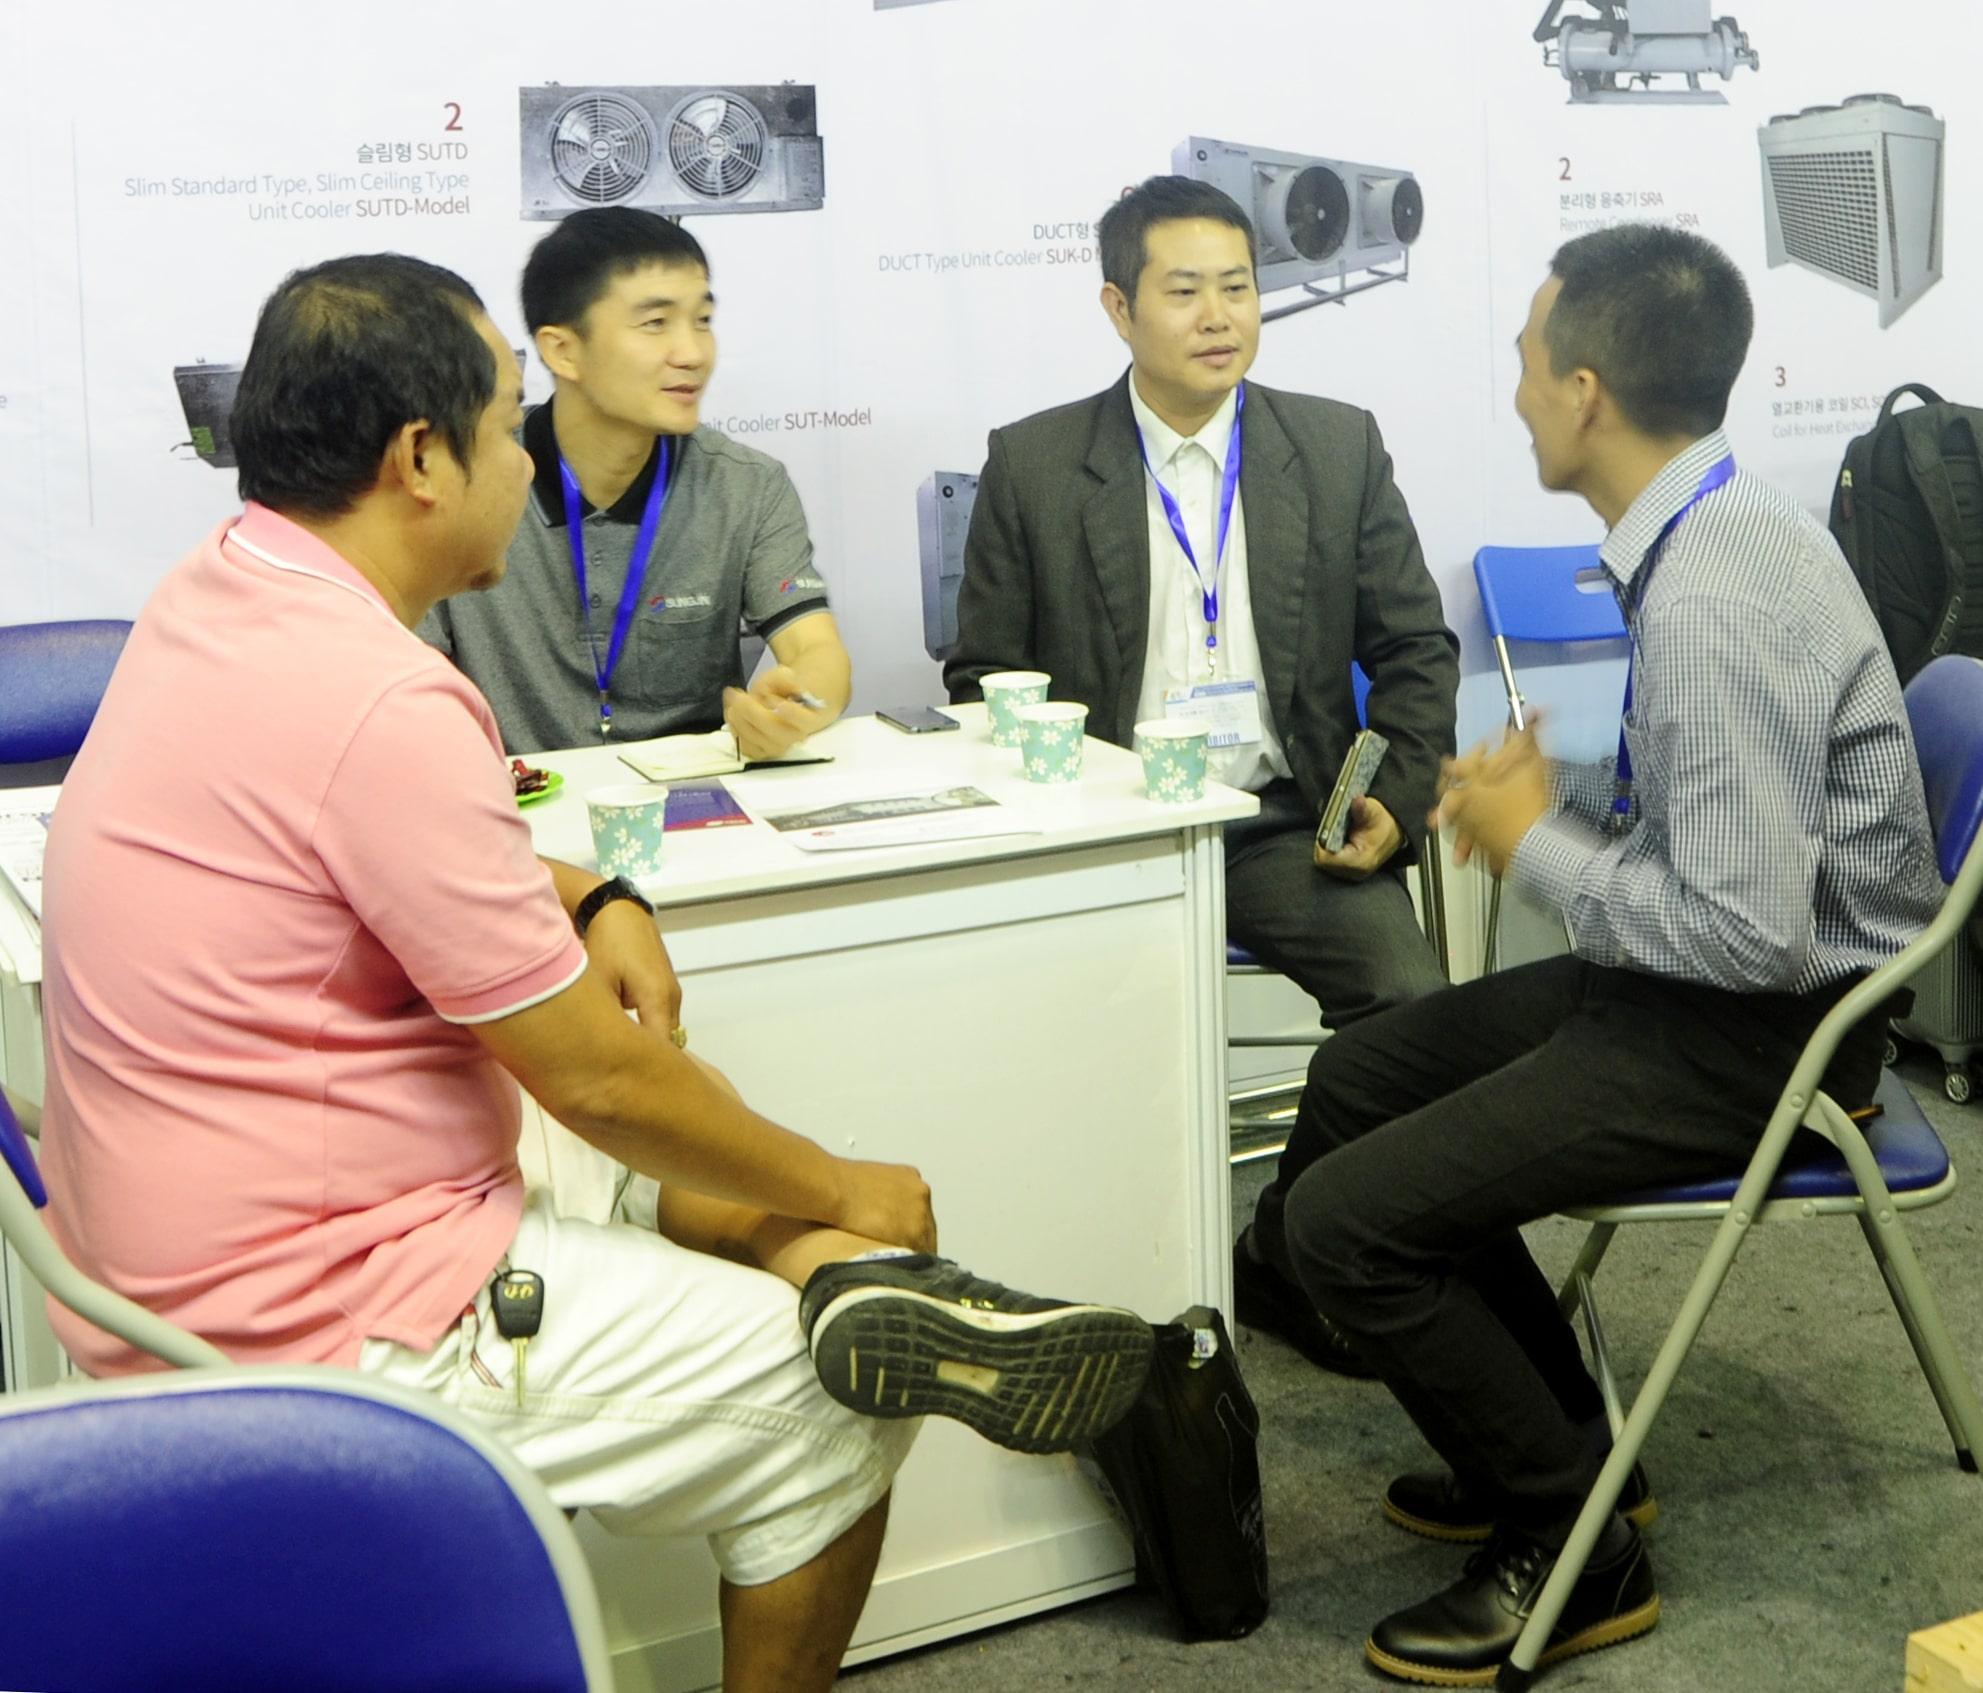 Giới thiệu sản phẩm Sungjin của công ty Kikentech tại hội chợ triễn lãm Expo 2017 (8-9/12)